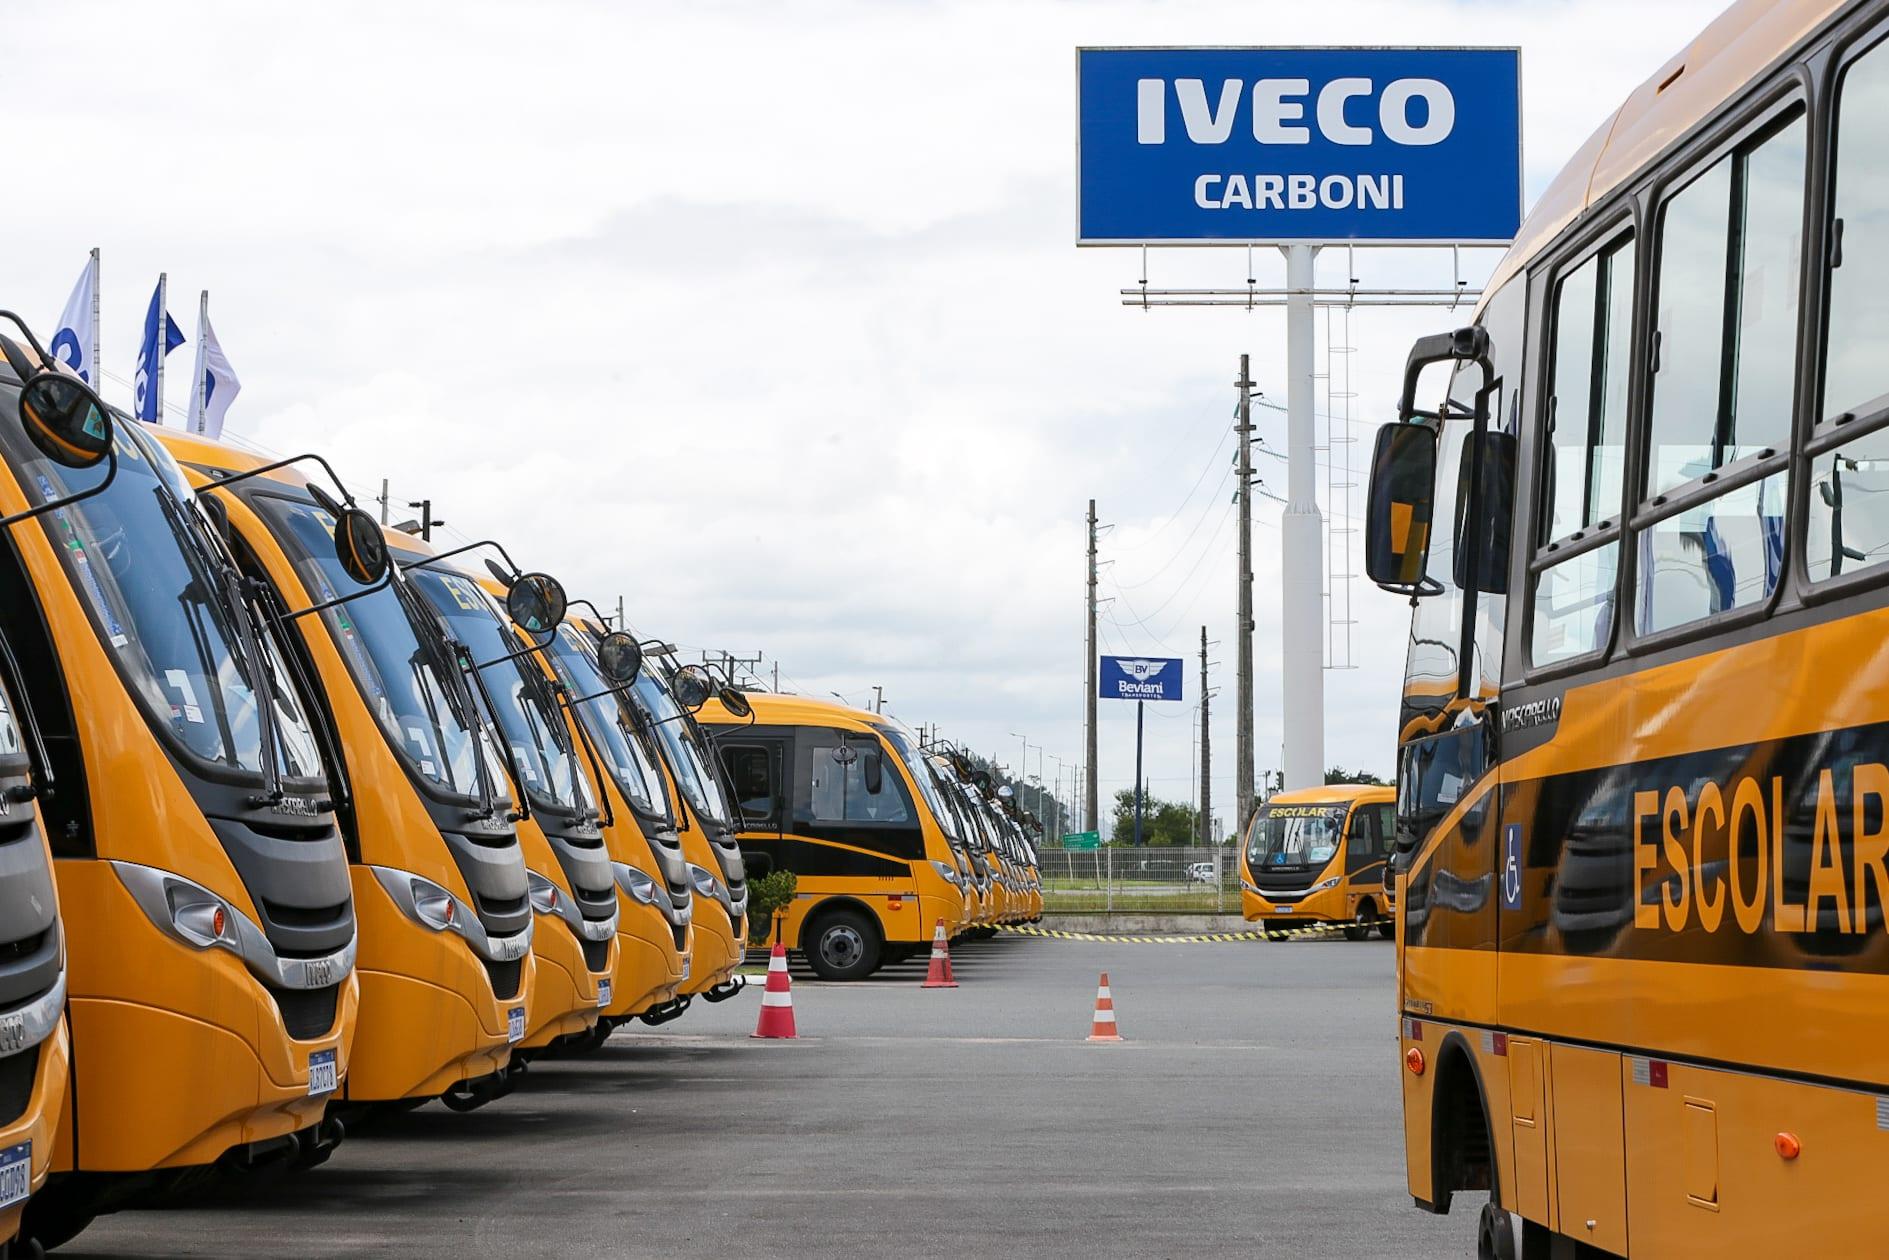 Carboni Iveco entrega mais de 70 ônibus escolares para o Governo de Santa Catarina 50732851753 c14c4dba70 o